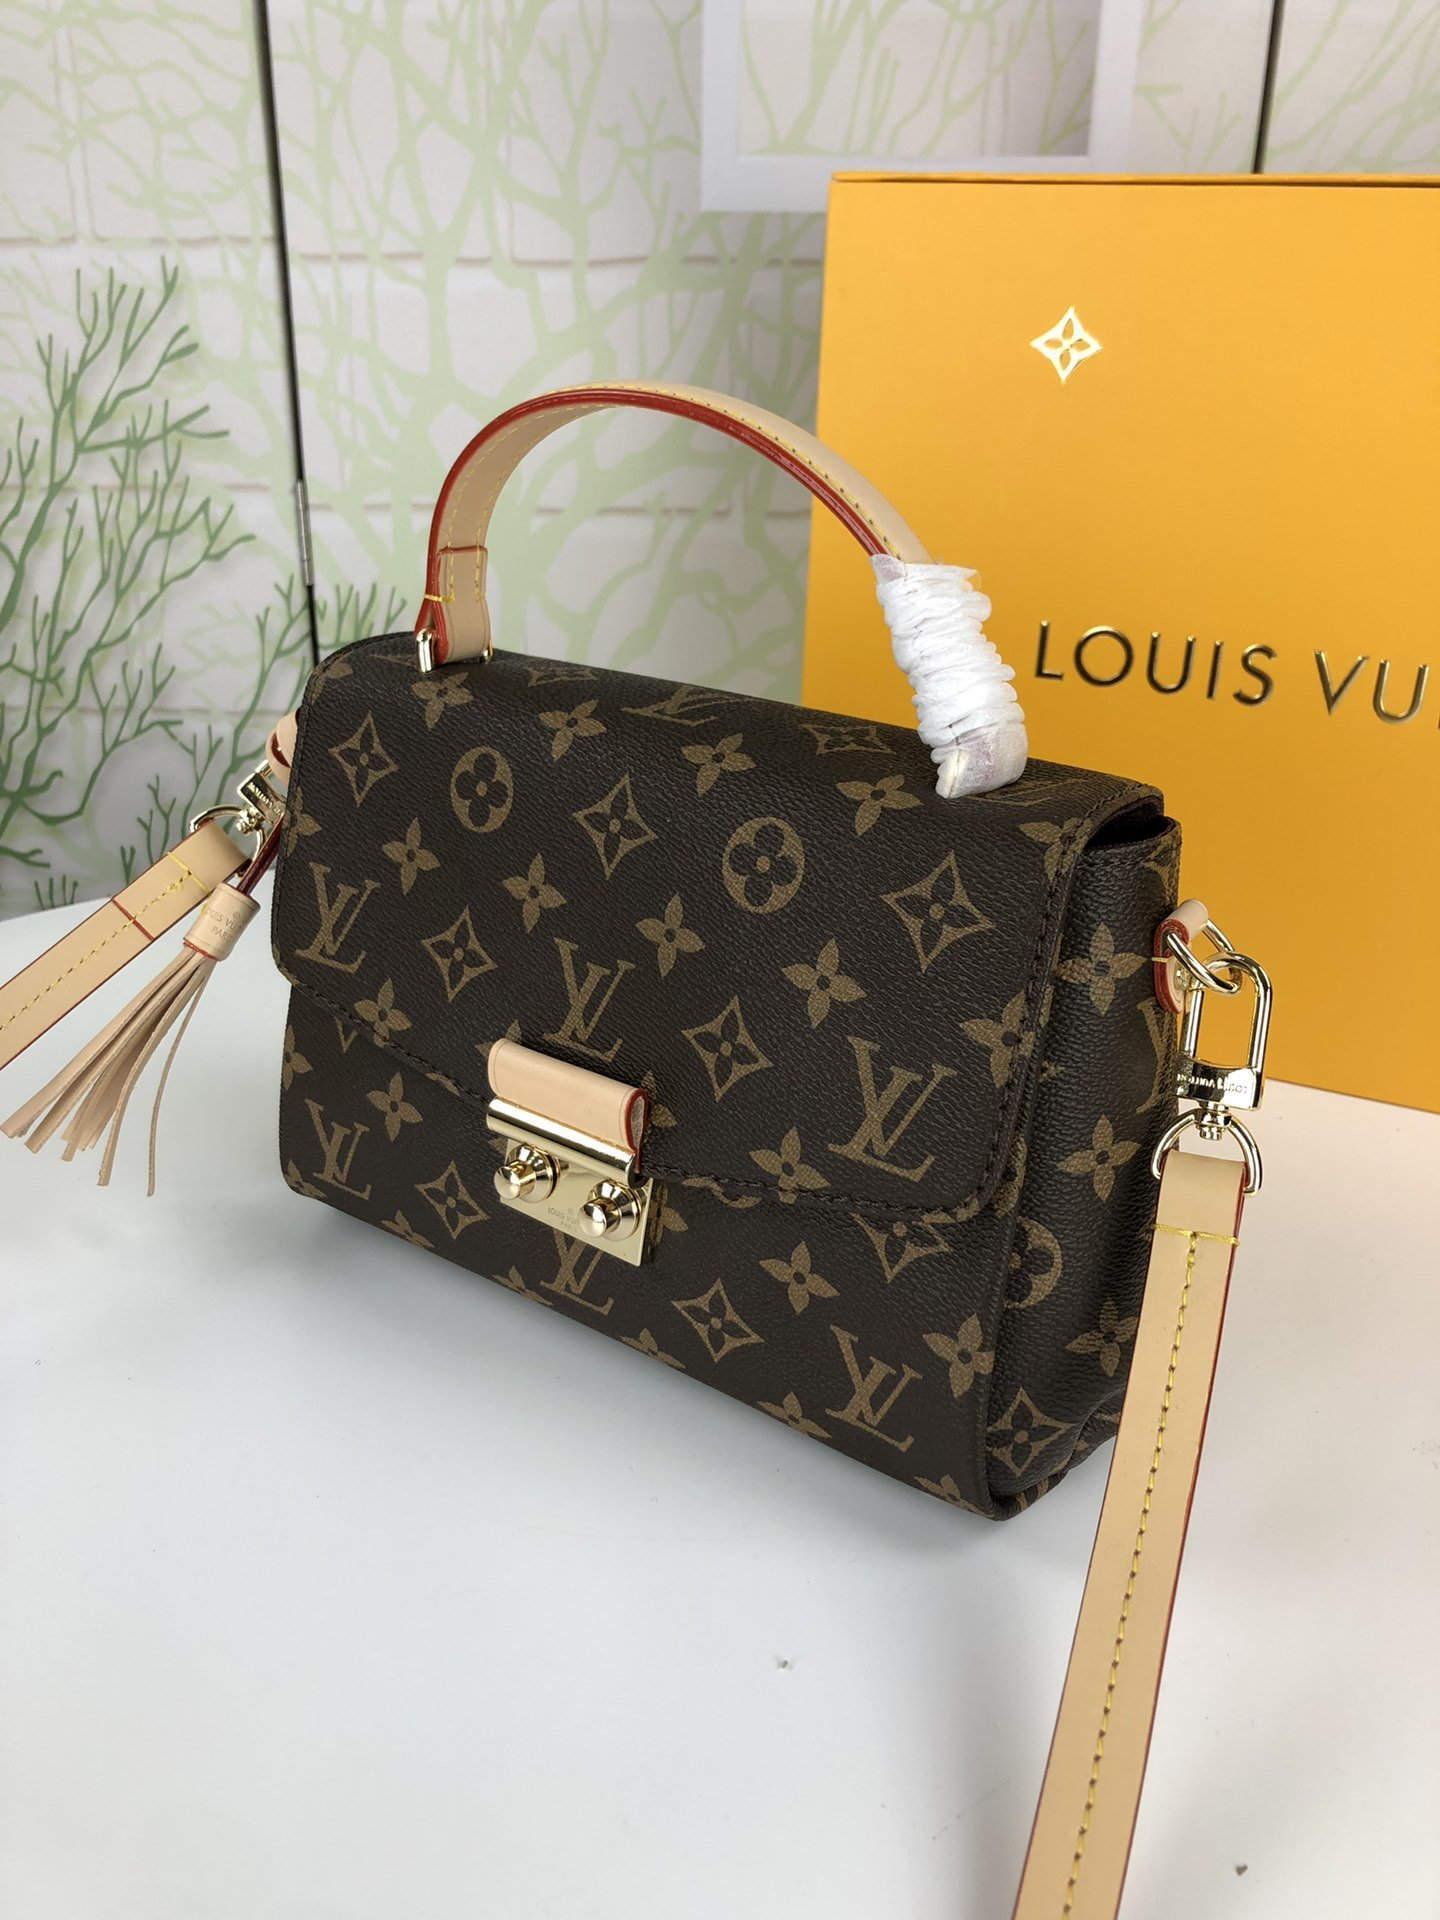 LV LOUIS VUITTON 2020 delle nuove donne di modo di alta qualità di lussoprogettistaLVLouis Bag Borse Nome europeaBorse a tracolla di marca delle signore 4158166